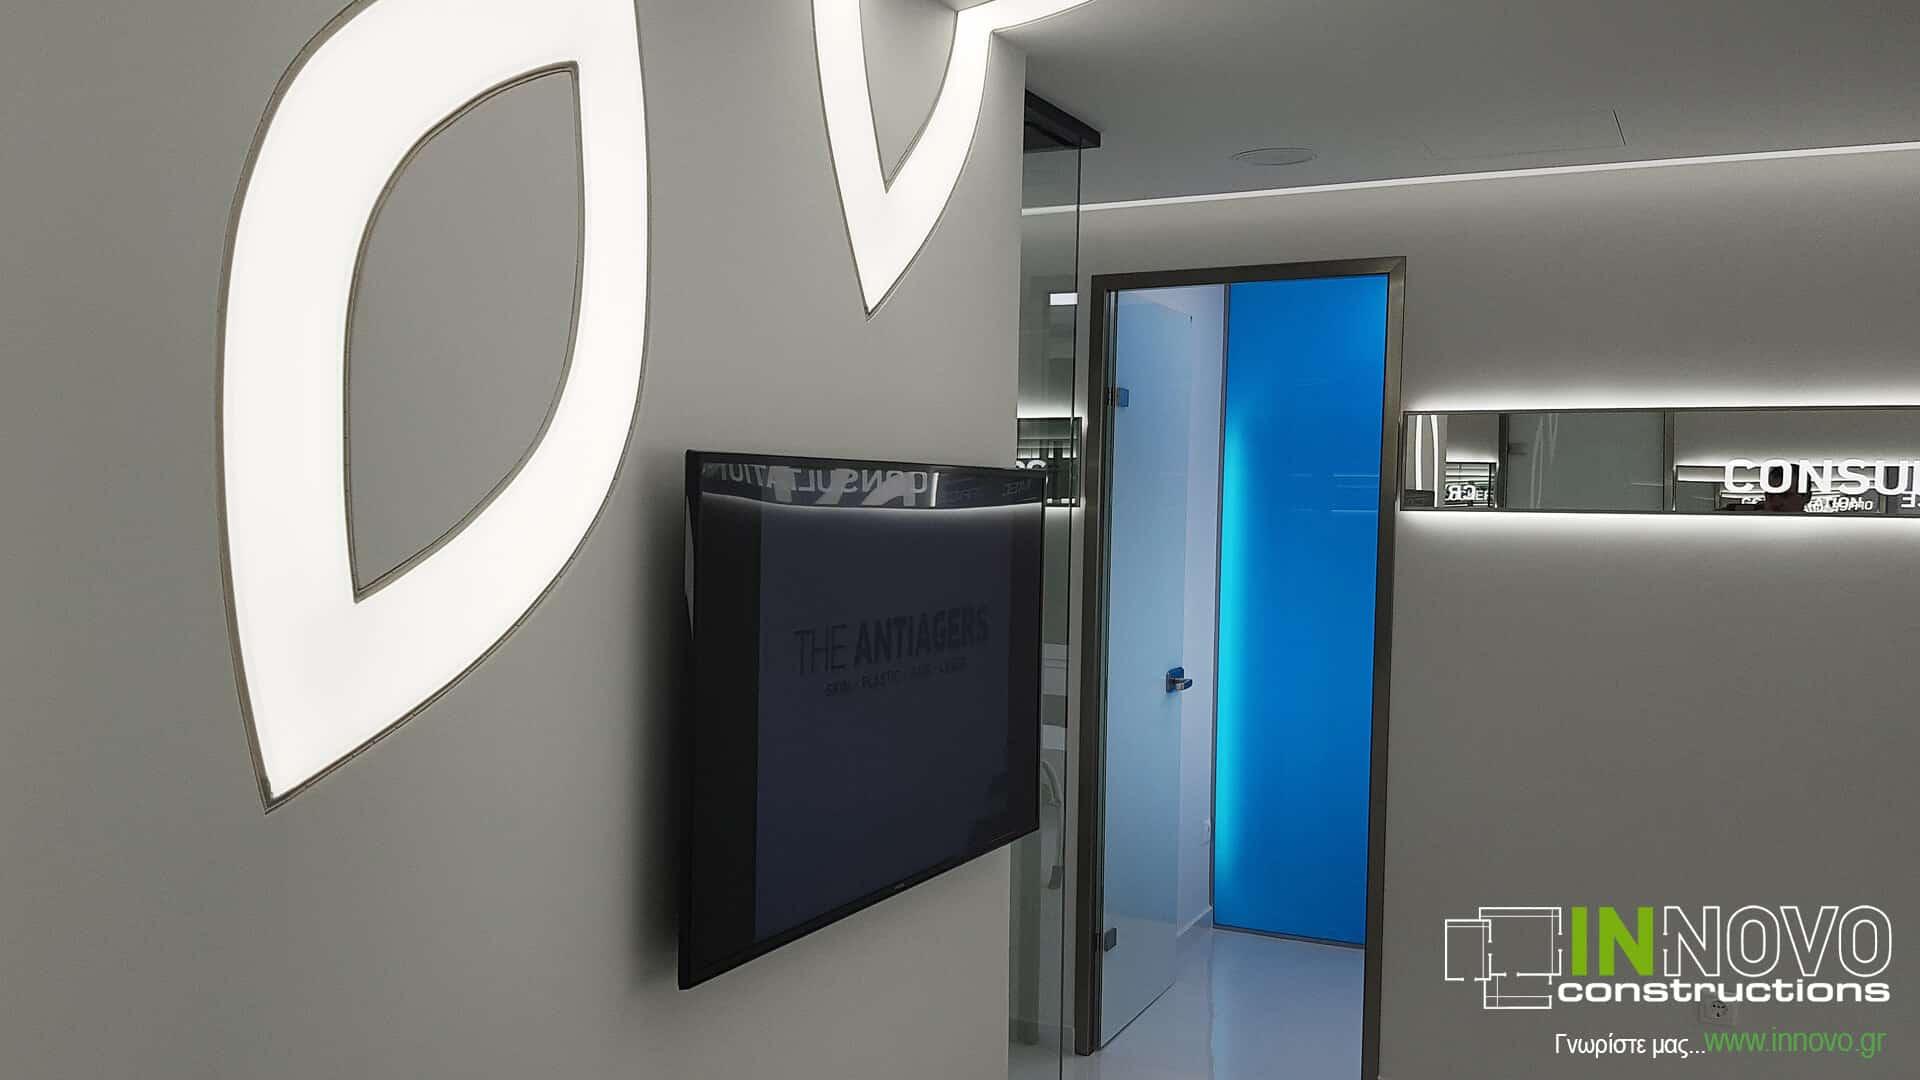 Από την Innovo κατασκευή διακόσμησης Ιατρείου Πλαστικής